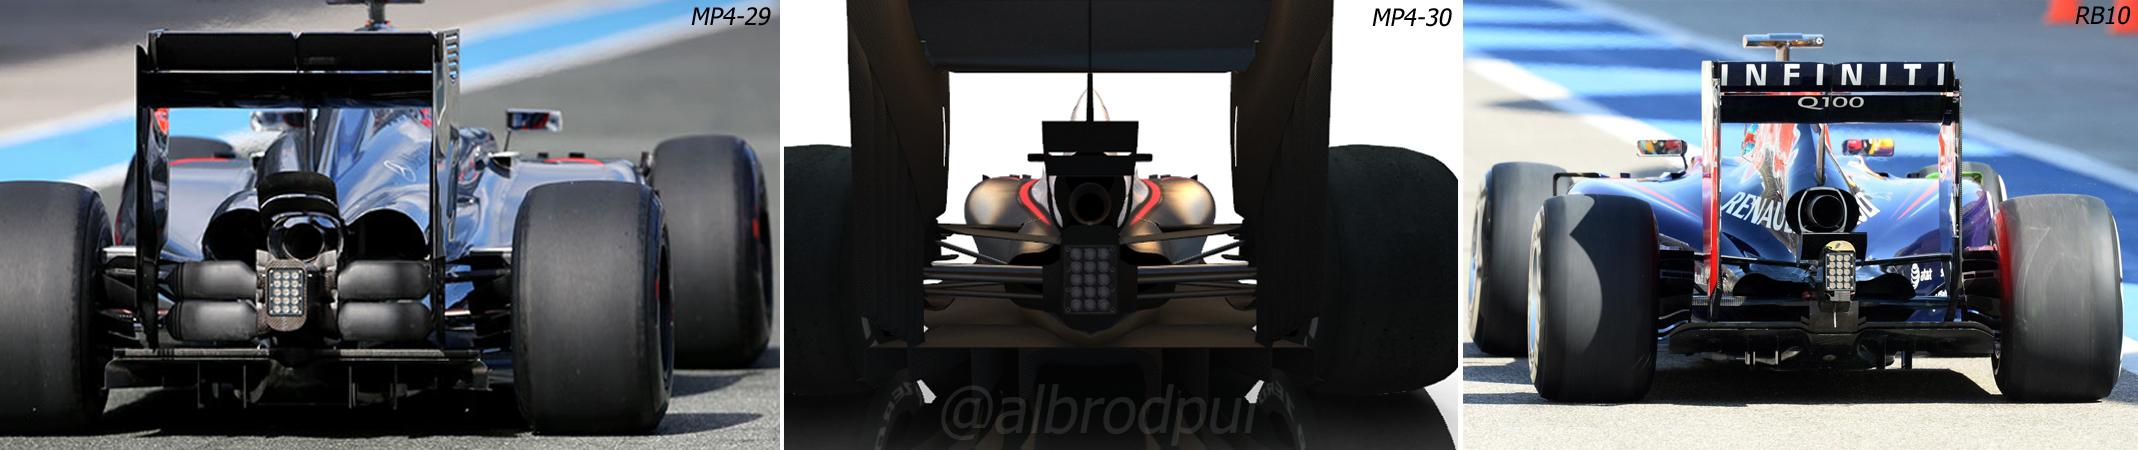 mp4-30-rear(3)